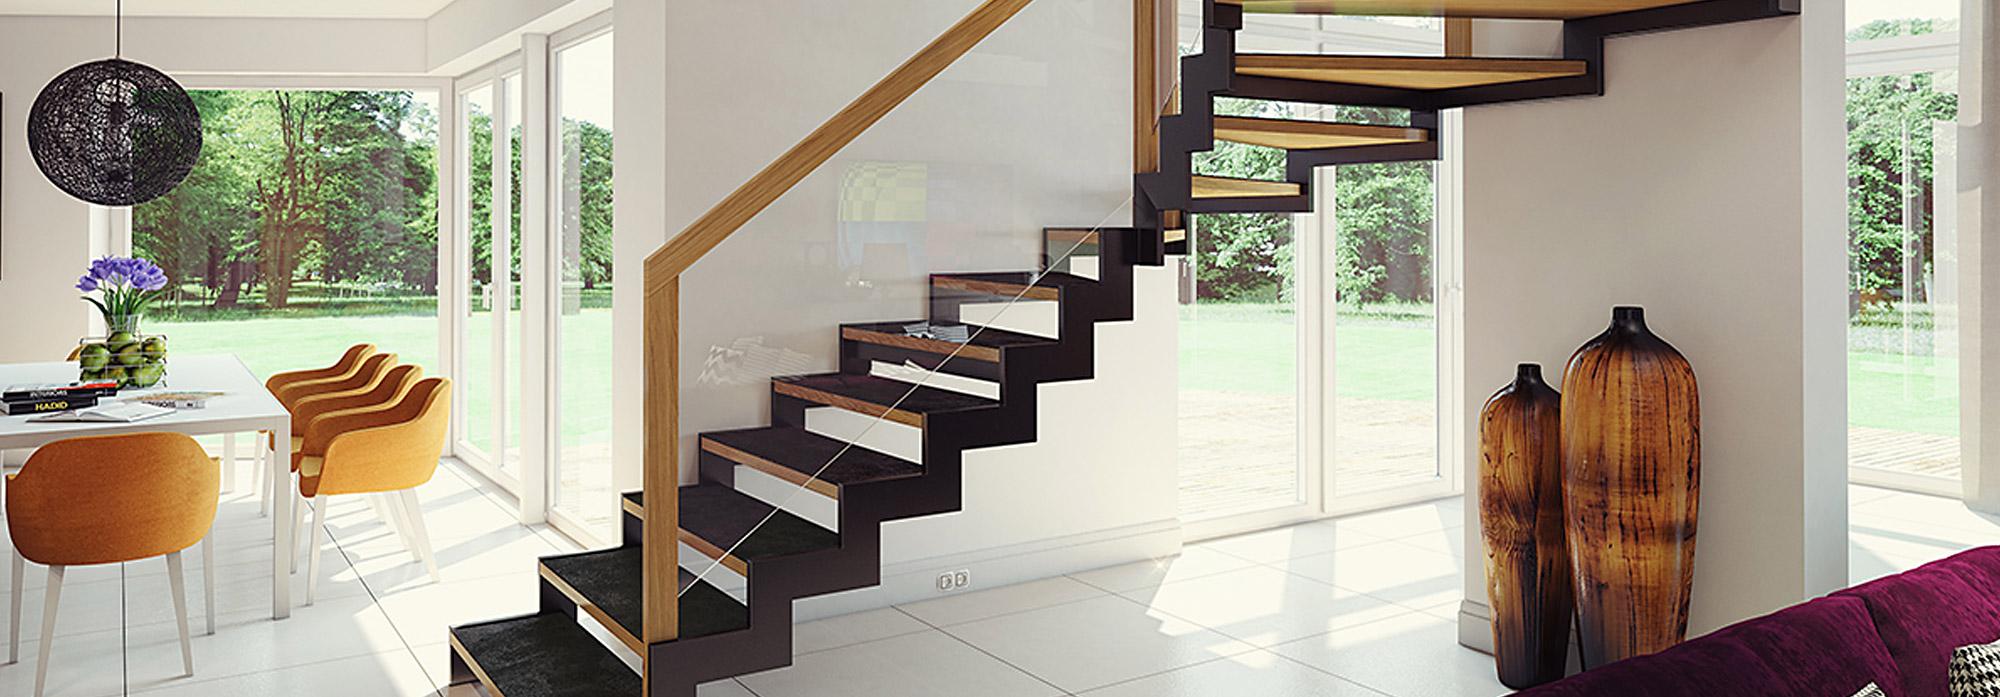 Producent schodów drewnianych Łomża